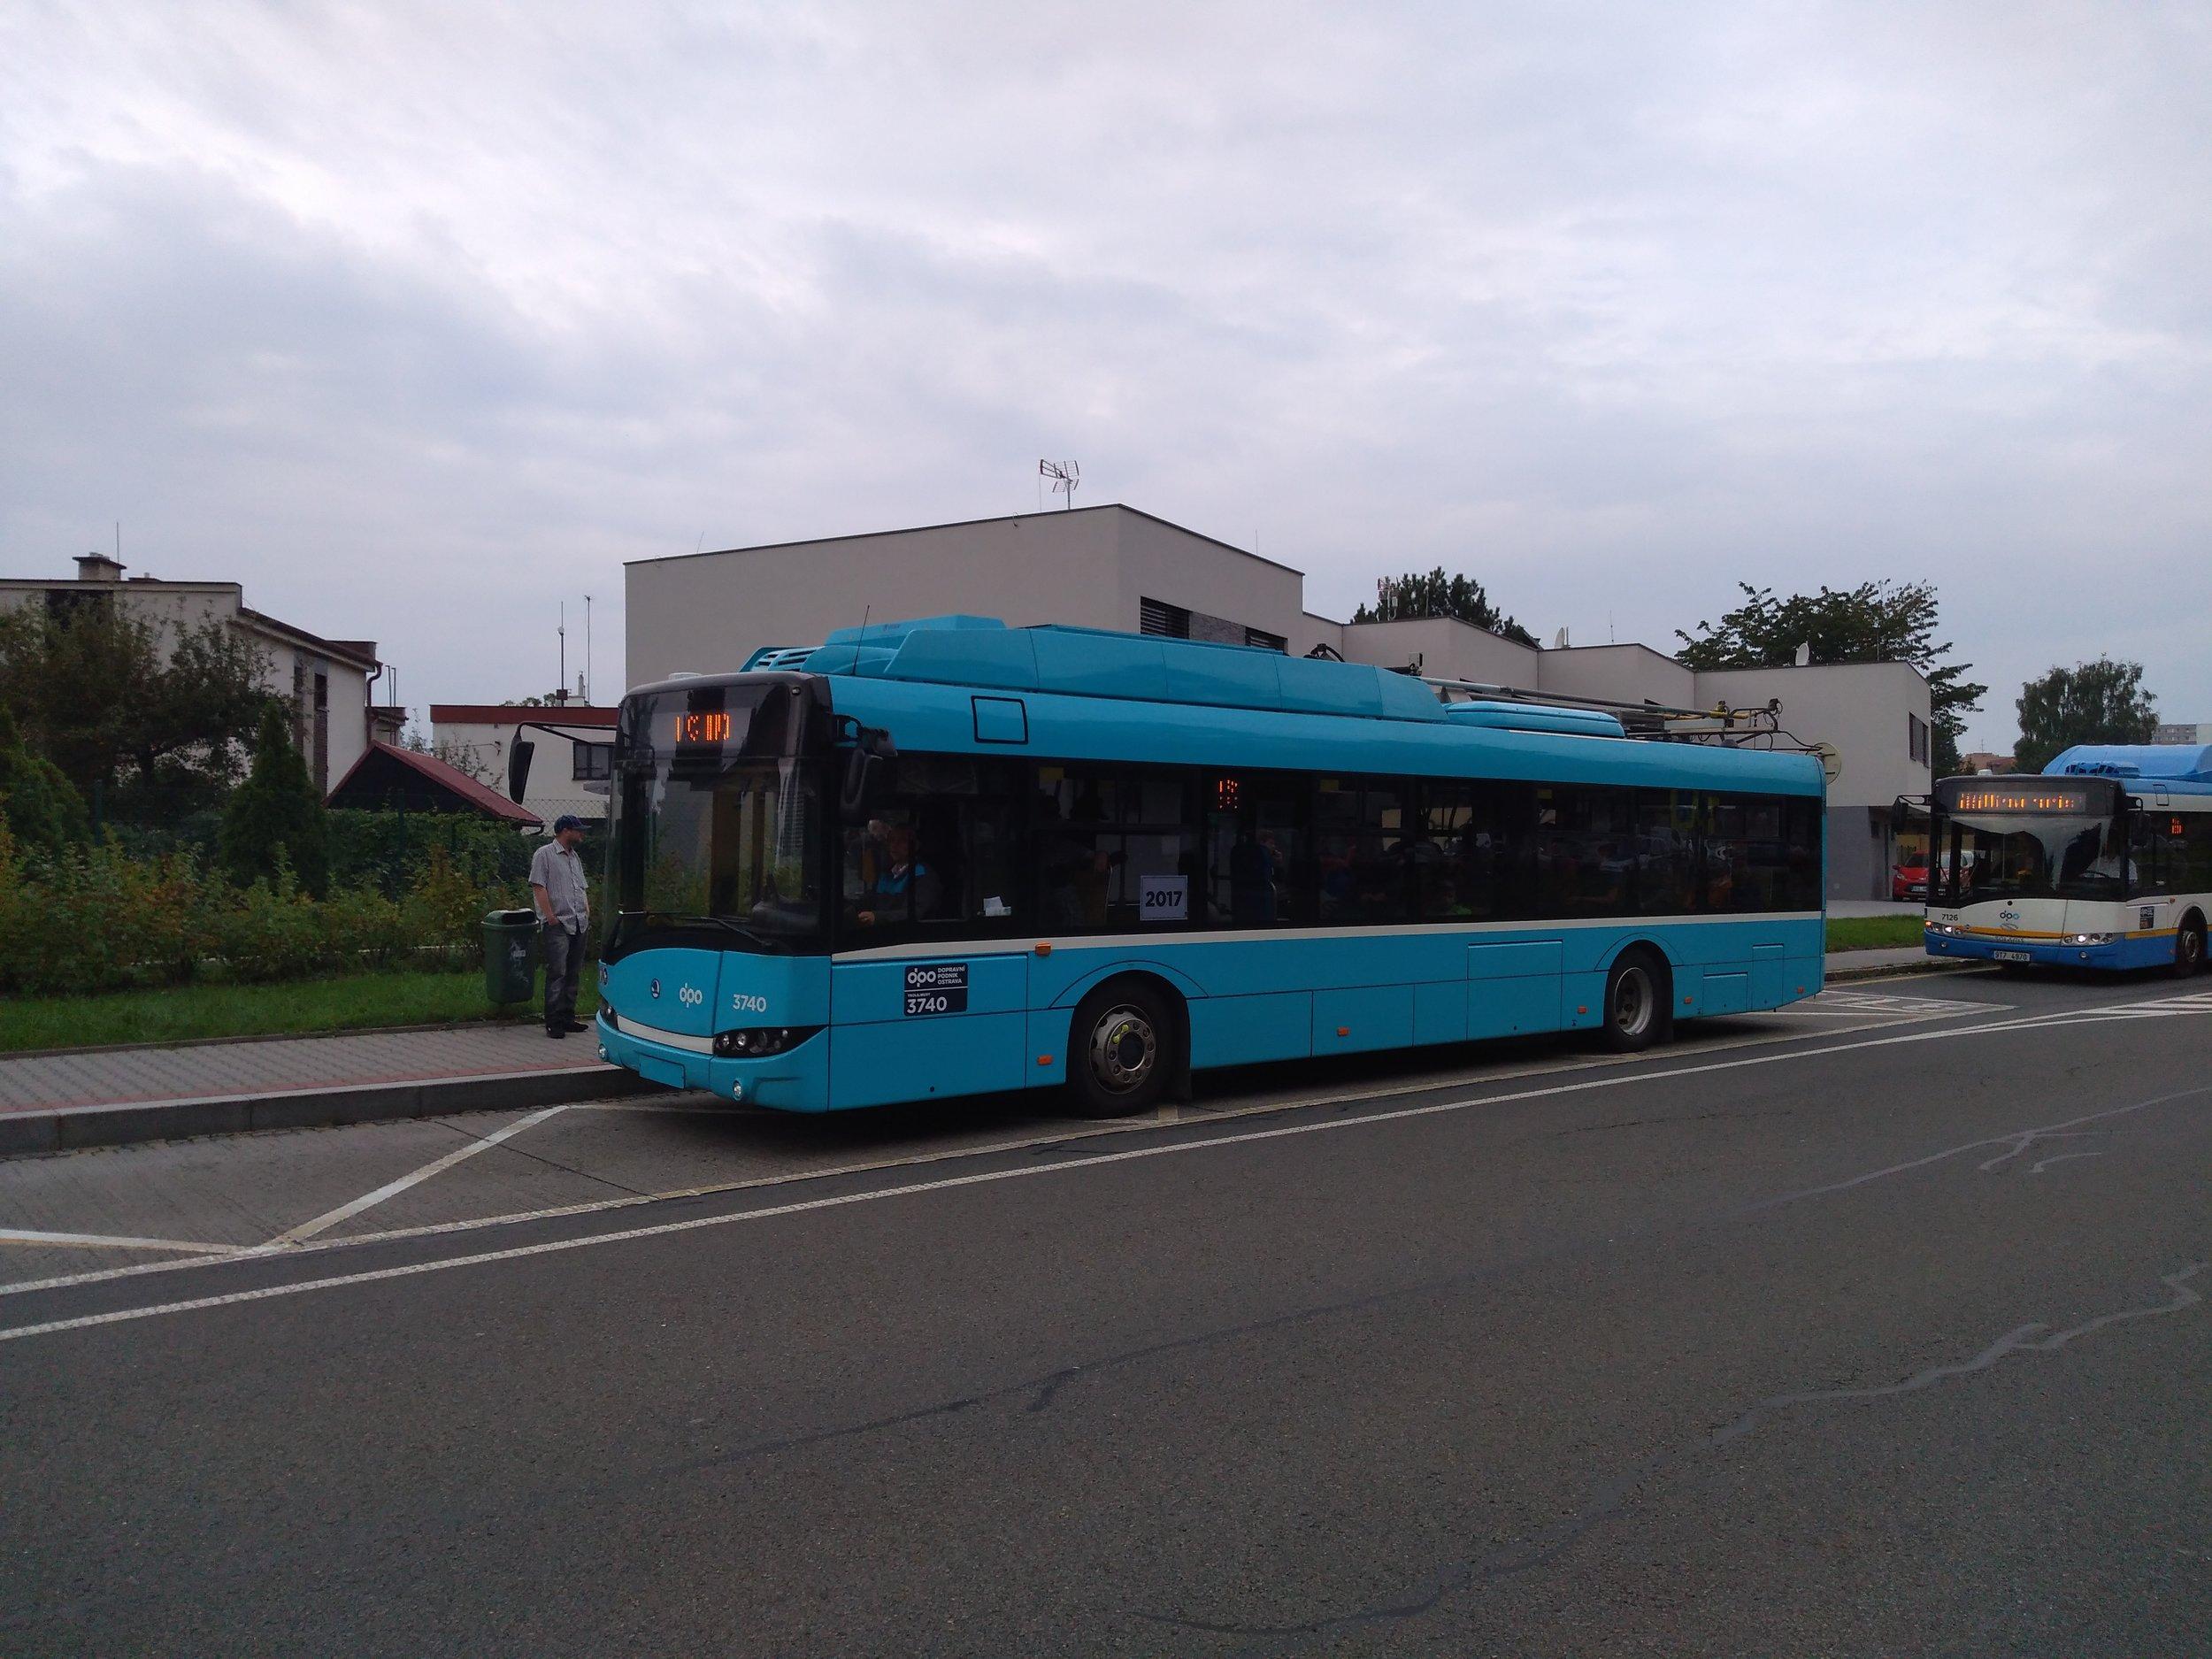 Trolejbus po roce opět v ostravském obvodu Poruba, kde se jinak nevyskytuje. Trolejbusy pro nabíjení a následnou jízdu po Porubě mohou využívat pouze jednostopý okruh v martinovských dílnách. Stačilo by přitom vhodně zatrolejovat jen některé porubské ulice a parciální trolejbusy by mohly vymýtit autobusovou dopravu z většiny tohoto obvodu a ještě napojit centrum, kde jsou trolejbusové tratě přítomny.